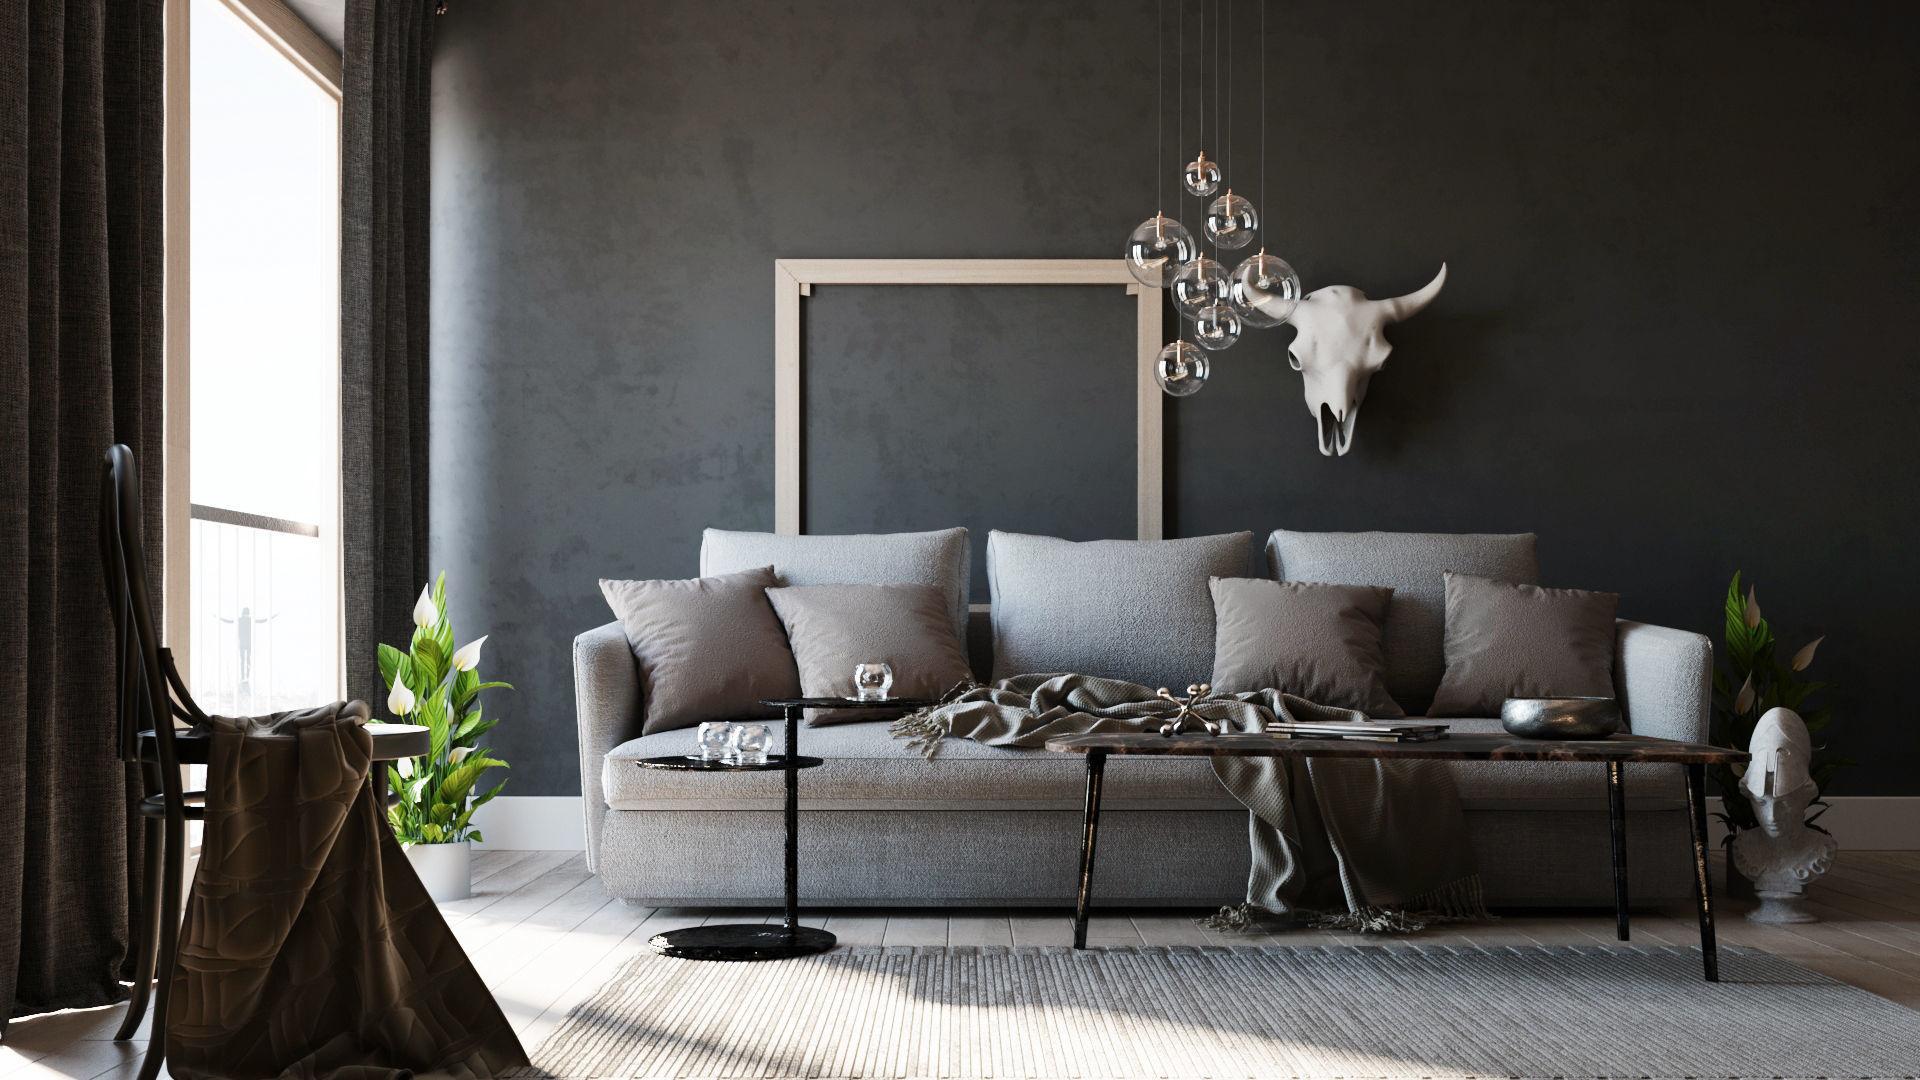 Simple Interior Scene - Corona - Redshift